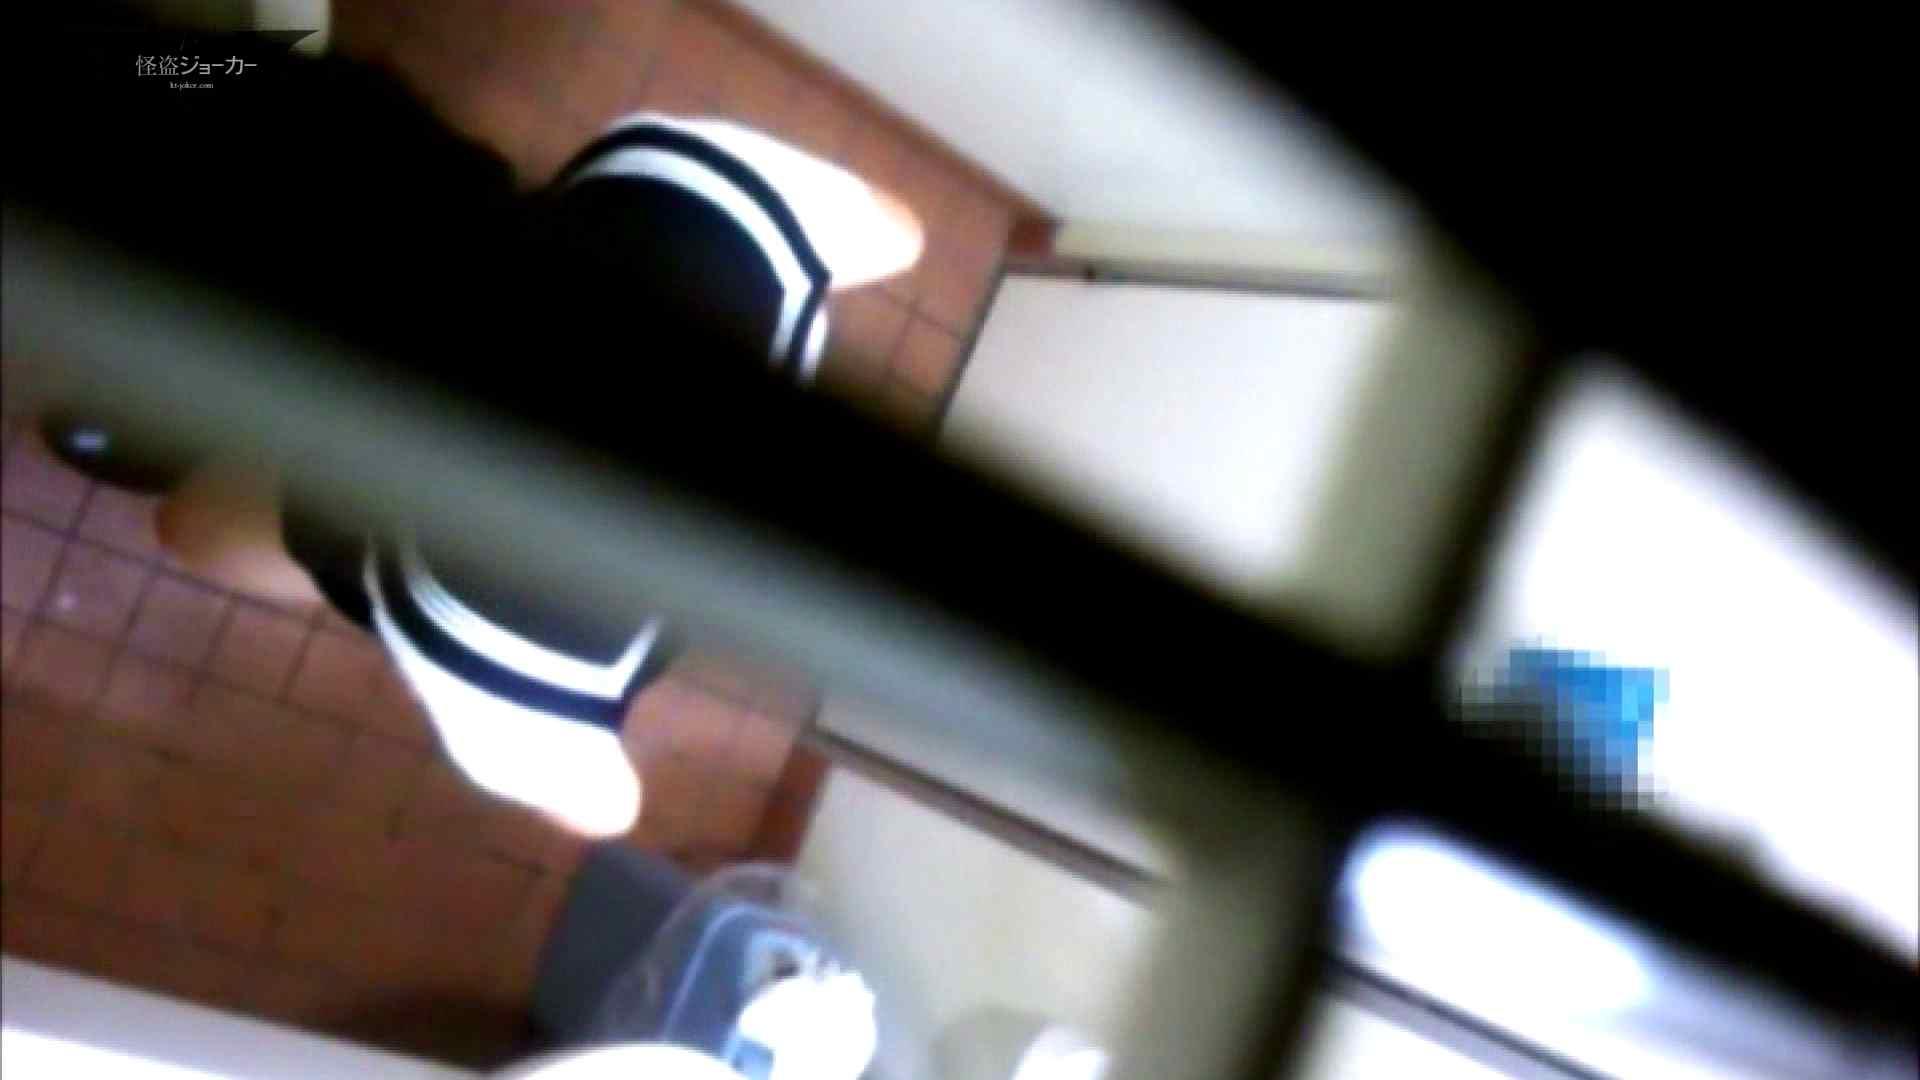 店長代理の盗撮録 Vol.02 制服ばかりをあつめてみました。その2 期間限定 盗撮ワレメ無修正動画無料 47pic 47